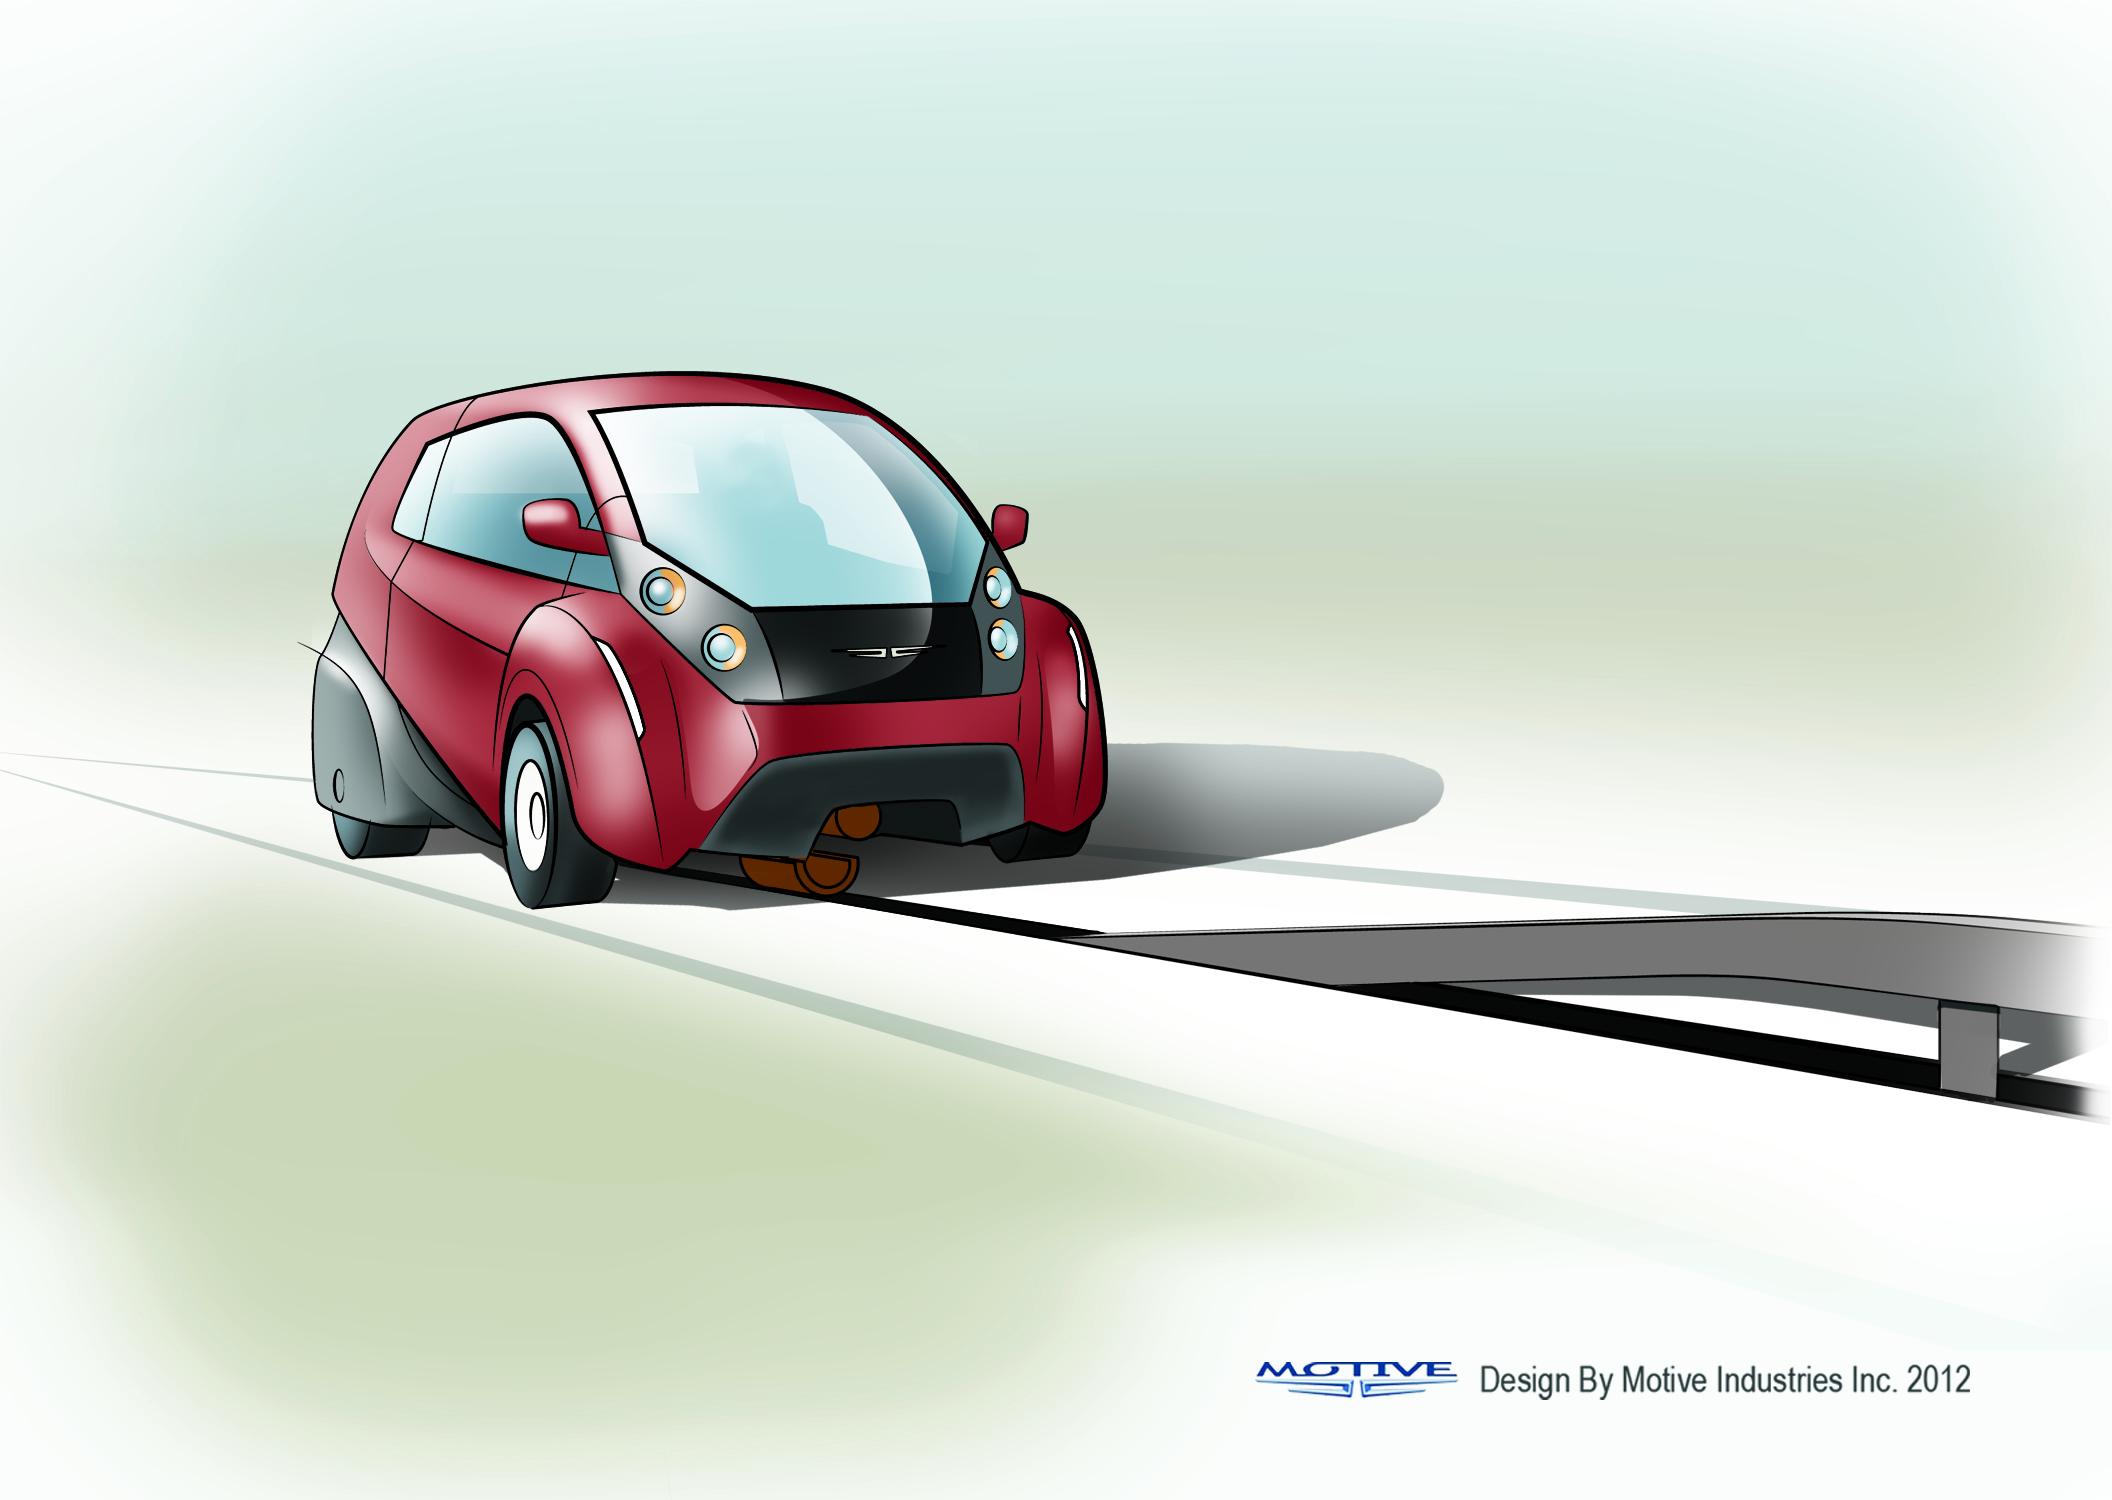 Keage Concepts Calgary Alberta Automotive Design